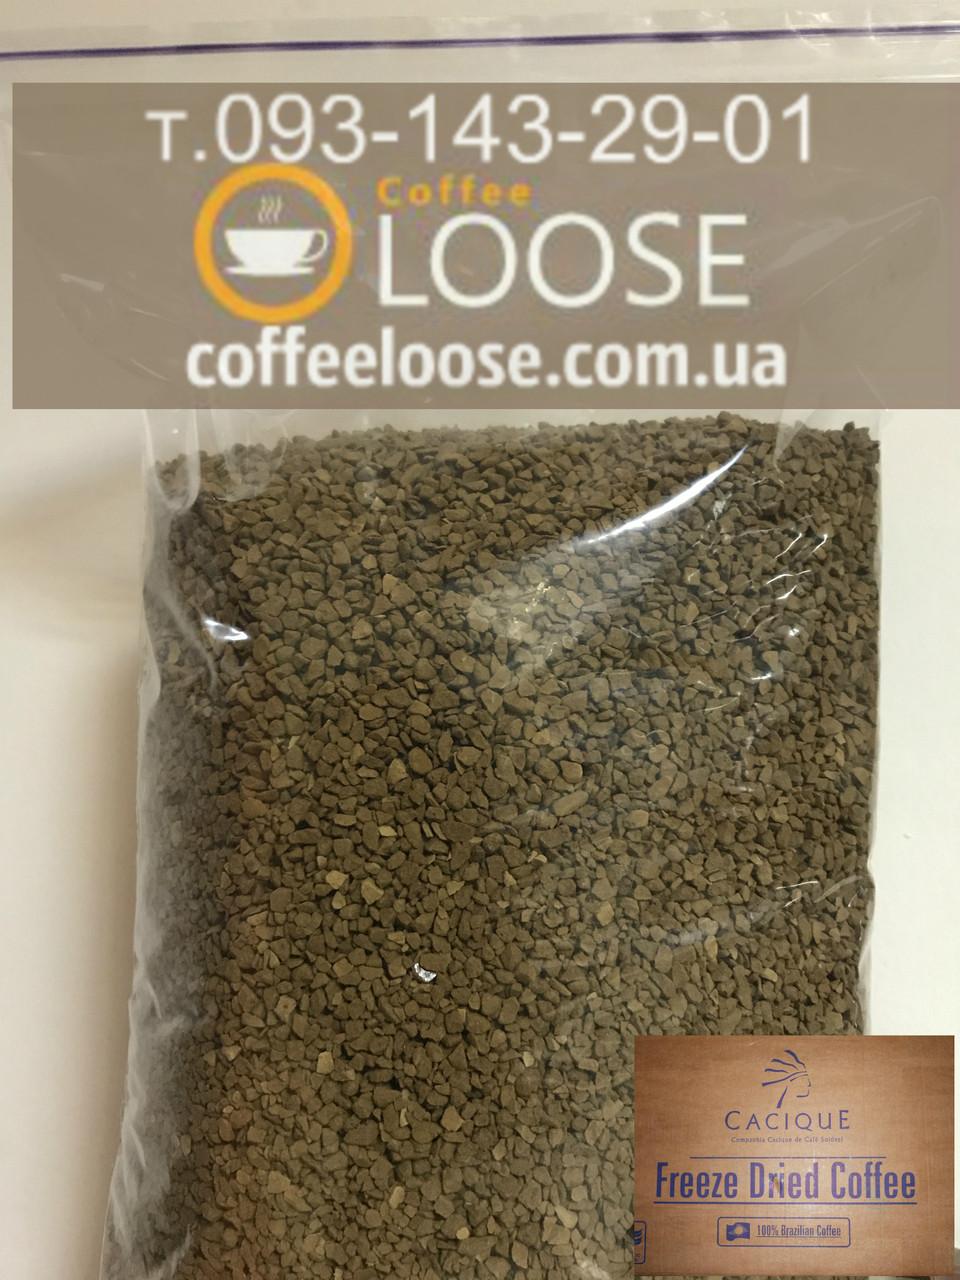 Кофе Cacique развесной 500 гр., весовой кофе Касик оптом и в розницу. Кофе растворимый на развес 0,5 кг.